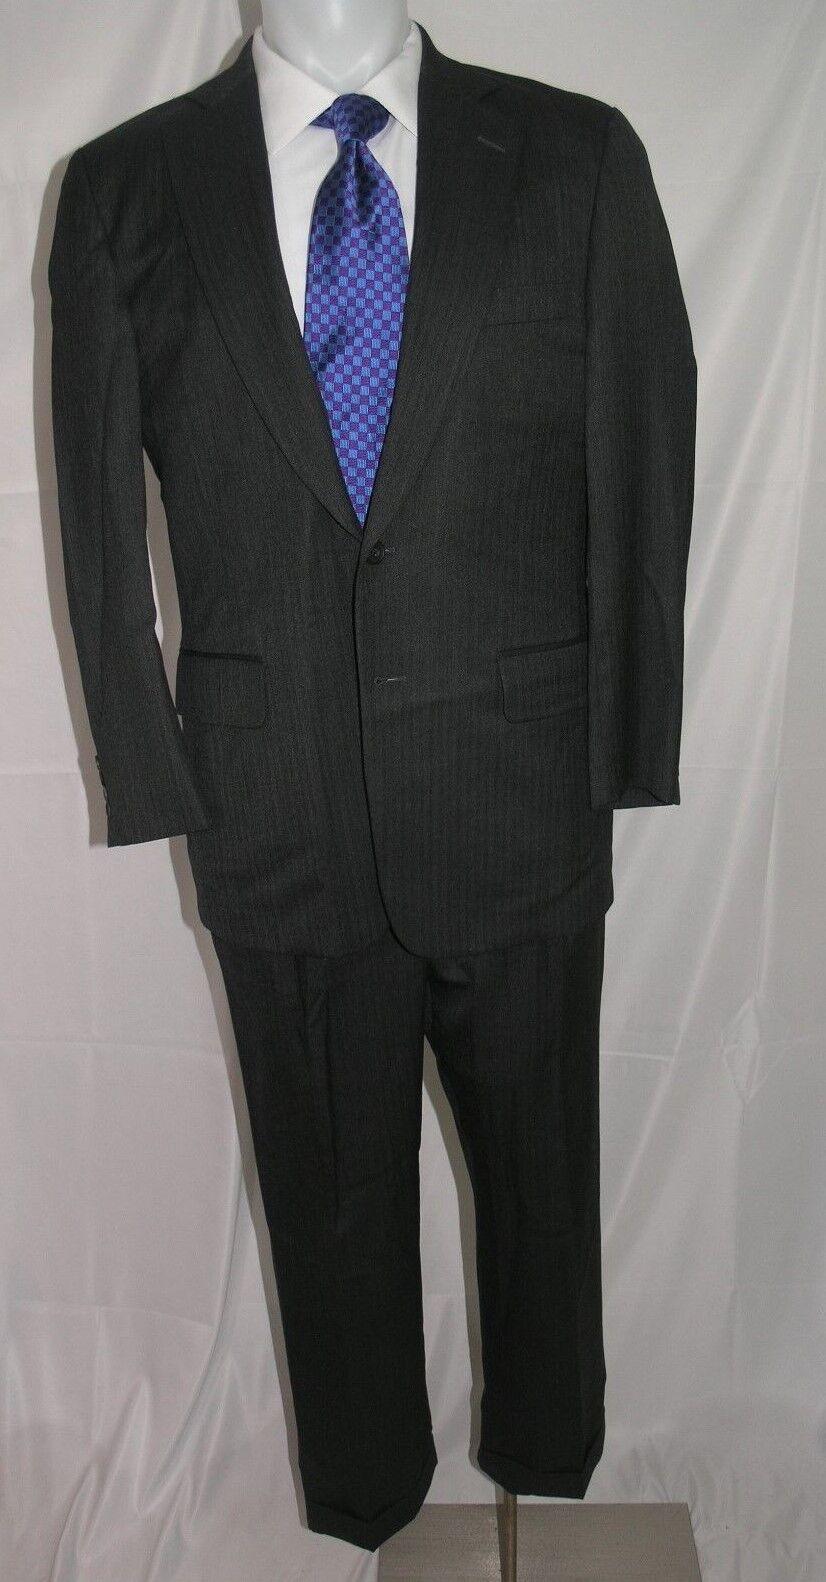 Paul Stuart Stuart II Super 120 Cashmere Blend Two Button Suit 39 R 34 x 27.5